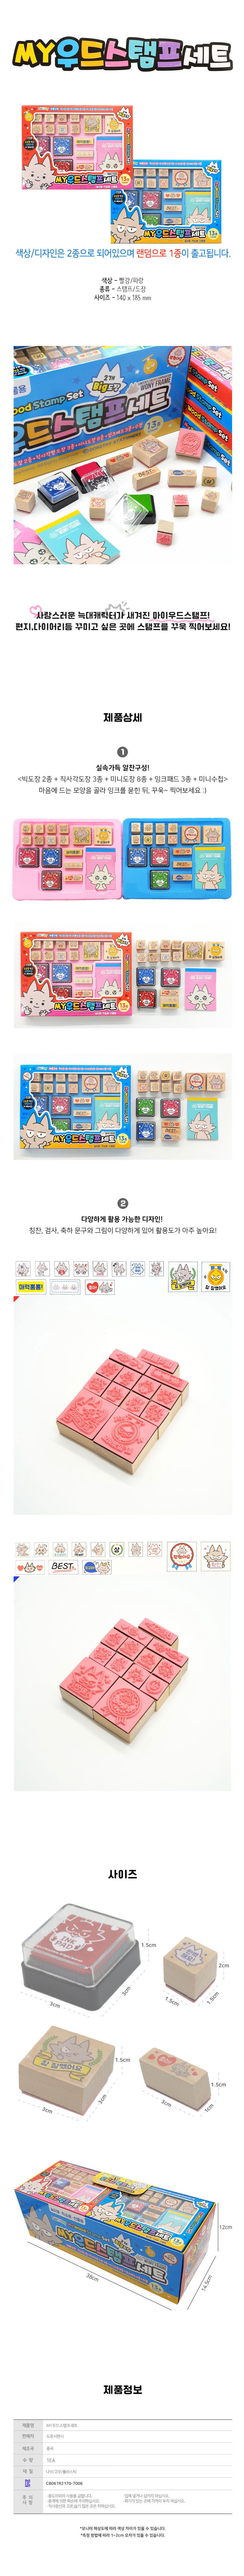 3000도로시마이우드스탬프세트개별.jpg